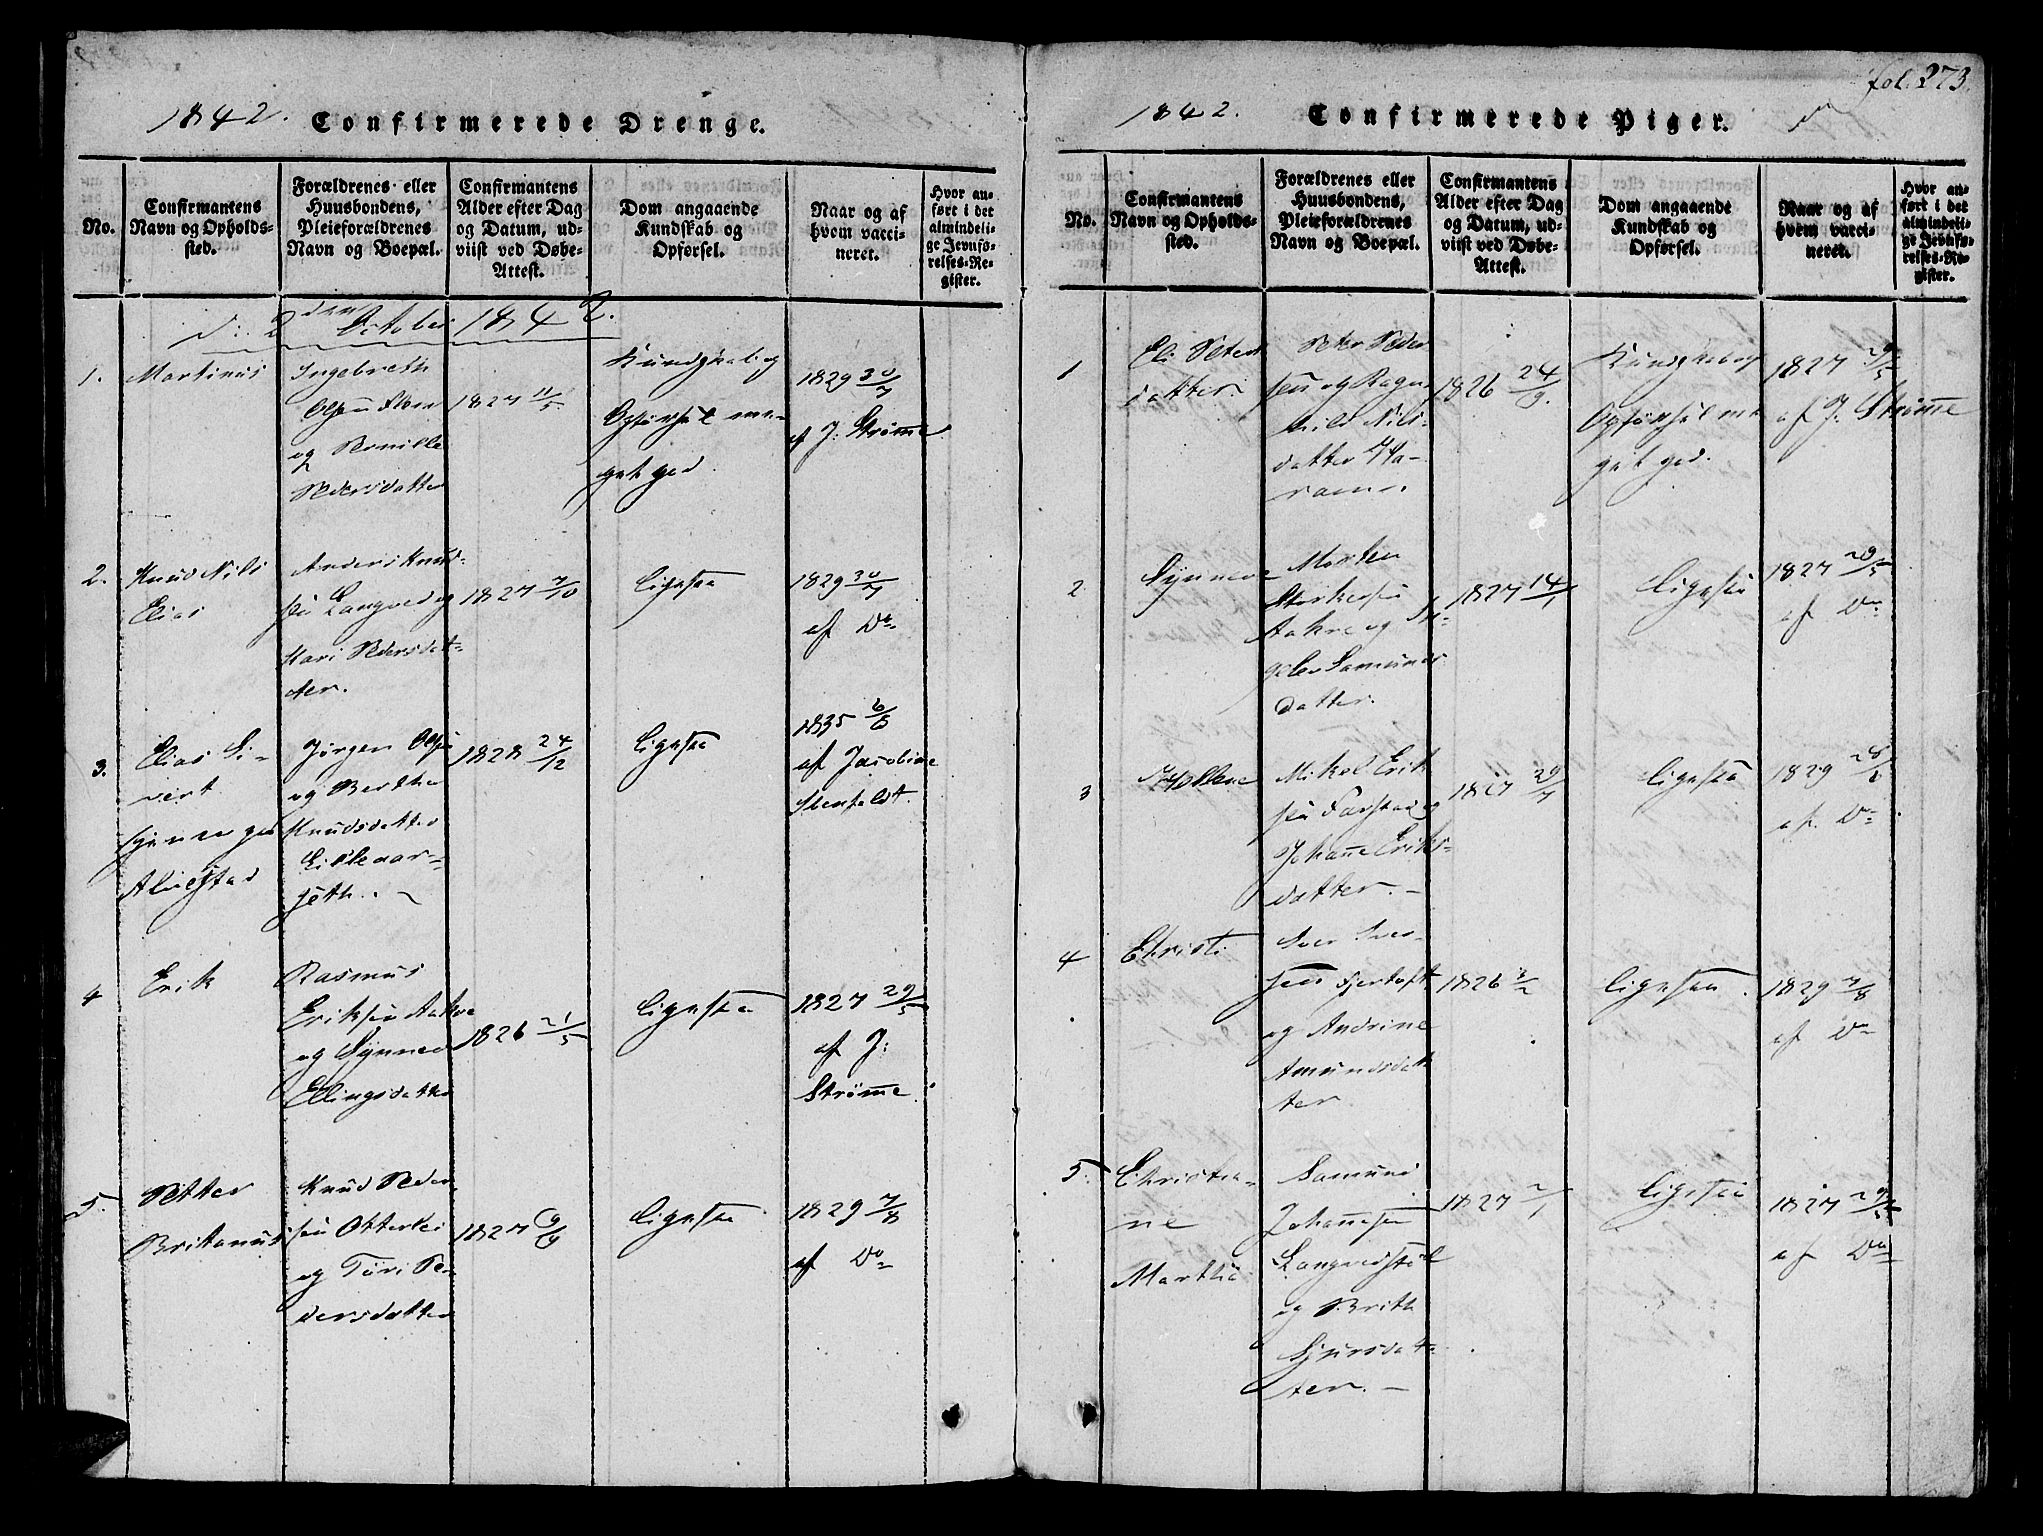 SAT, Ministerialprotokoller, klokkerbøker og fødselsregistre - Møre og Romsdal, 536/L0495: Ministerialbok nr. 536A04, 1818-1847, s. 273